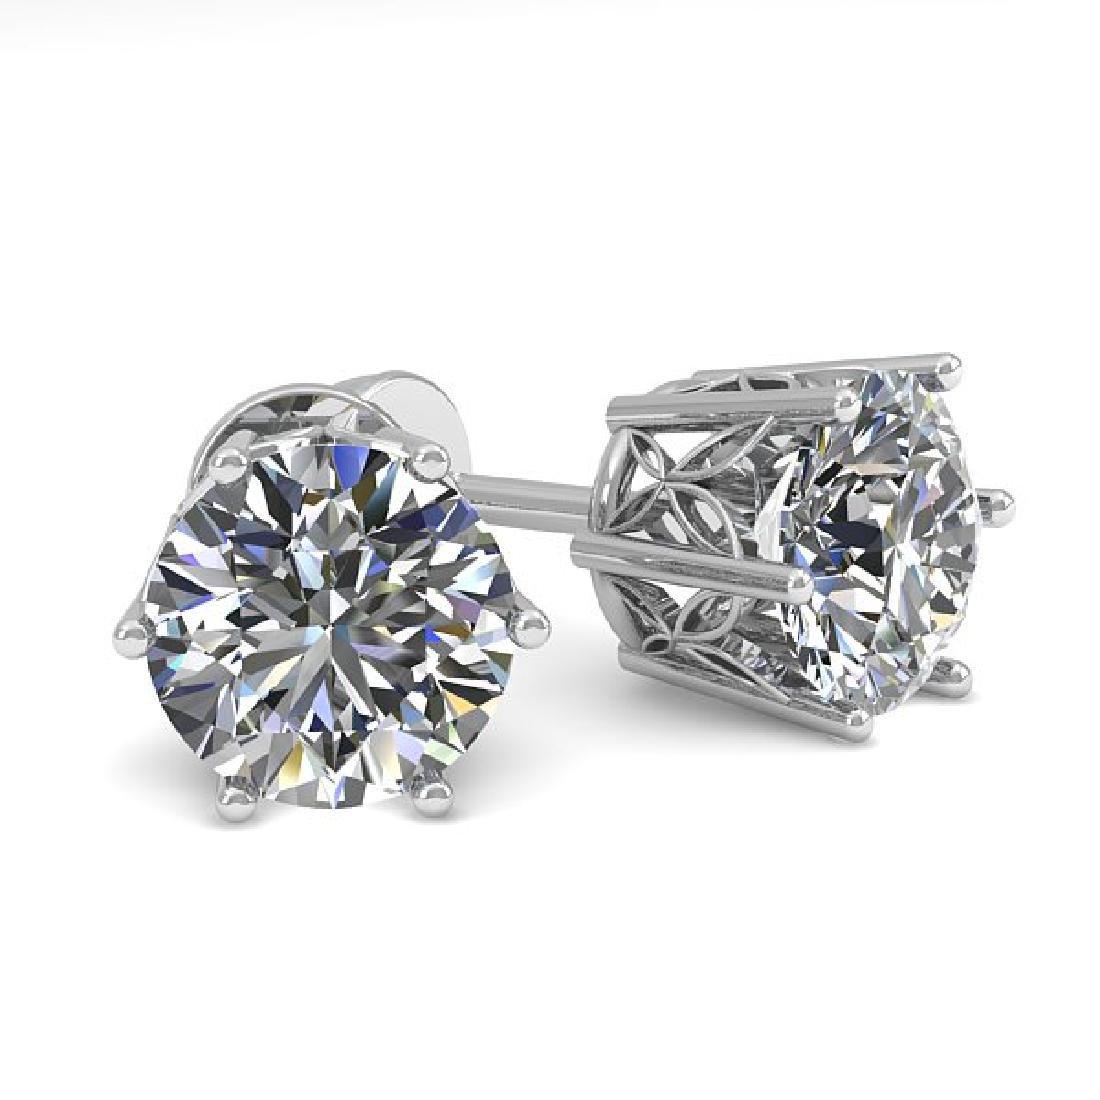 1.50 CTW Certified VS/SI Diamond Stud Art Deco Earrings